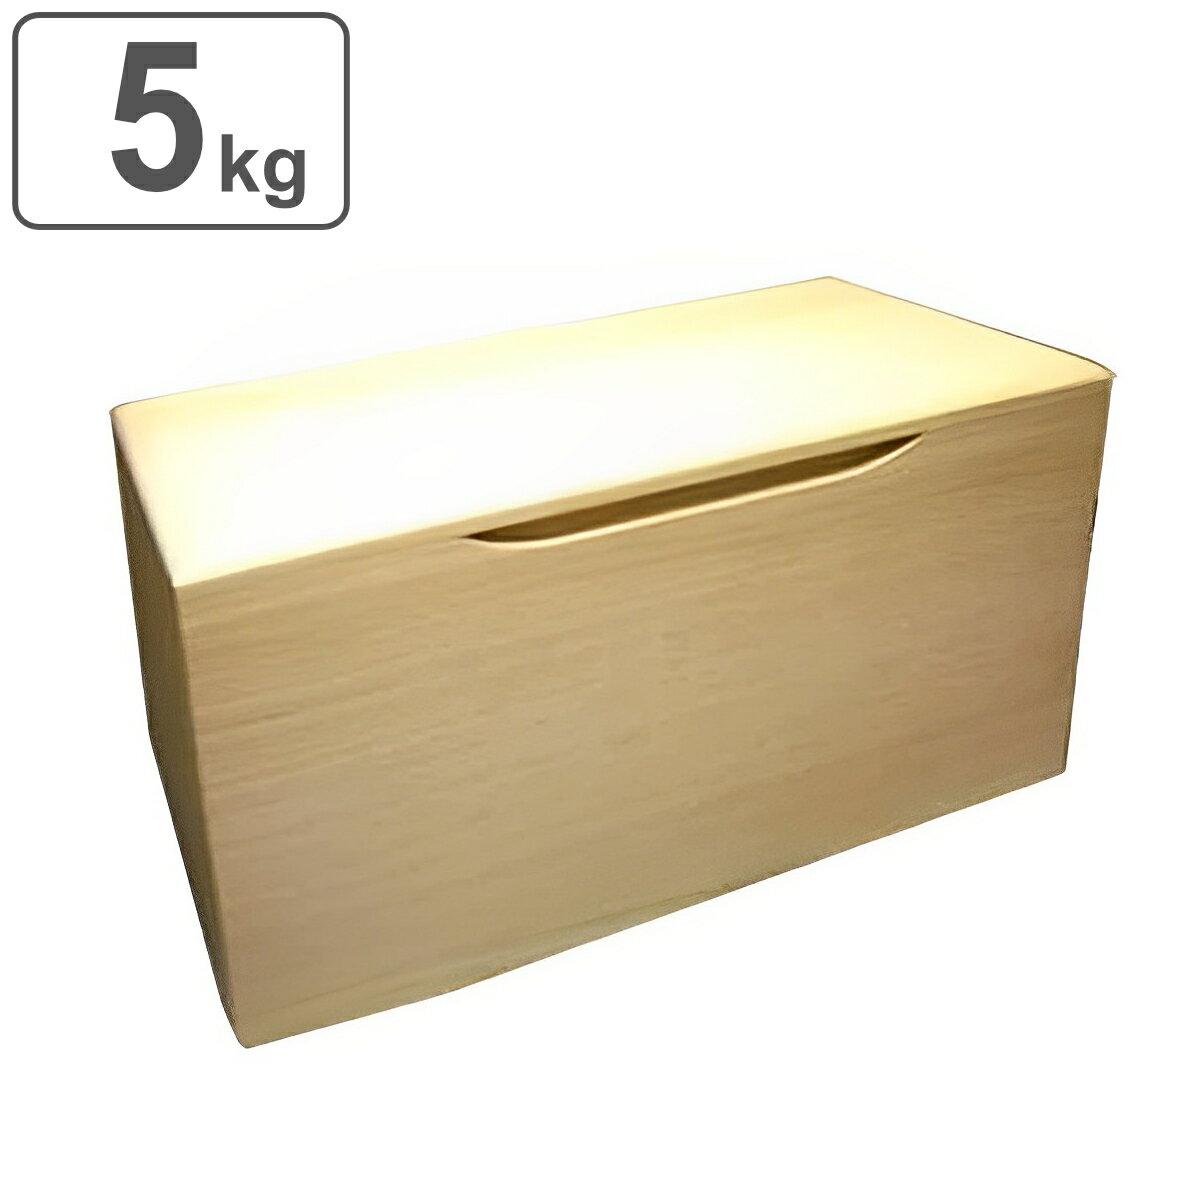 米びつ 桐製 5kg 無地 ( 送料無料 米櫃 ライスボックス ライスストッカー 5kg用 5キロ 桐 和風 桐製米びつ お米 収納 キッチン収納 ストッカー 保存 キッチン こめびつ )